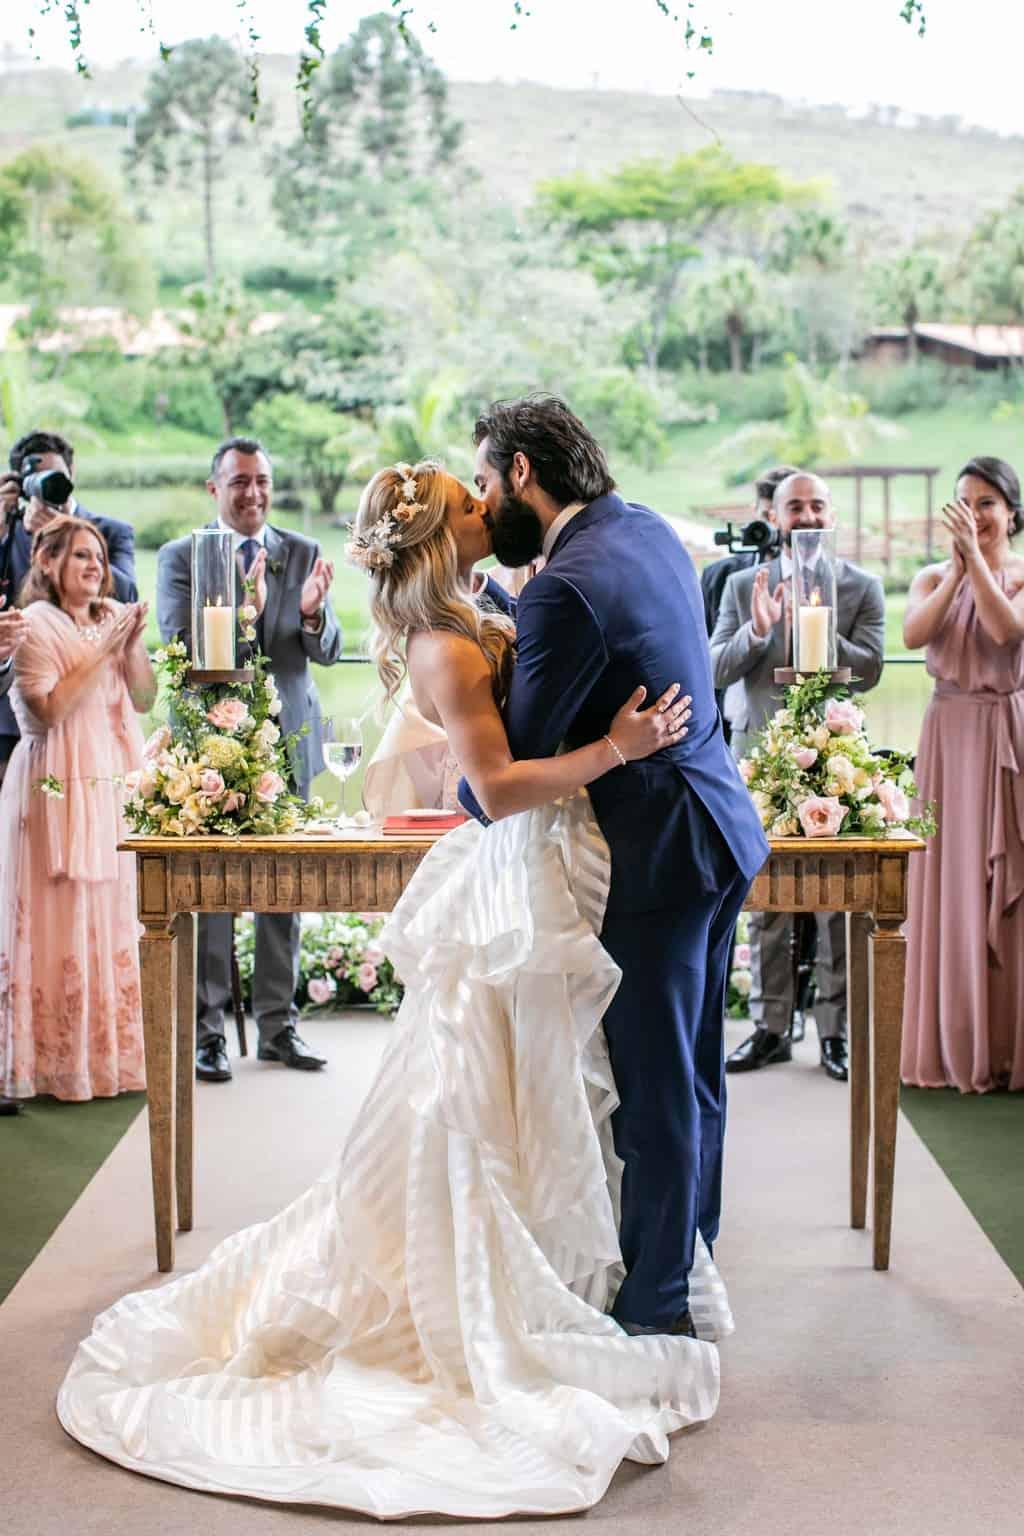 Casamento-Milene-e-Leonardo-cerimonia-ao-ar-livre-decoracao-da-festa-Roberto-Tamer-terras-claras194